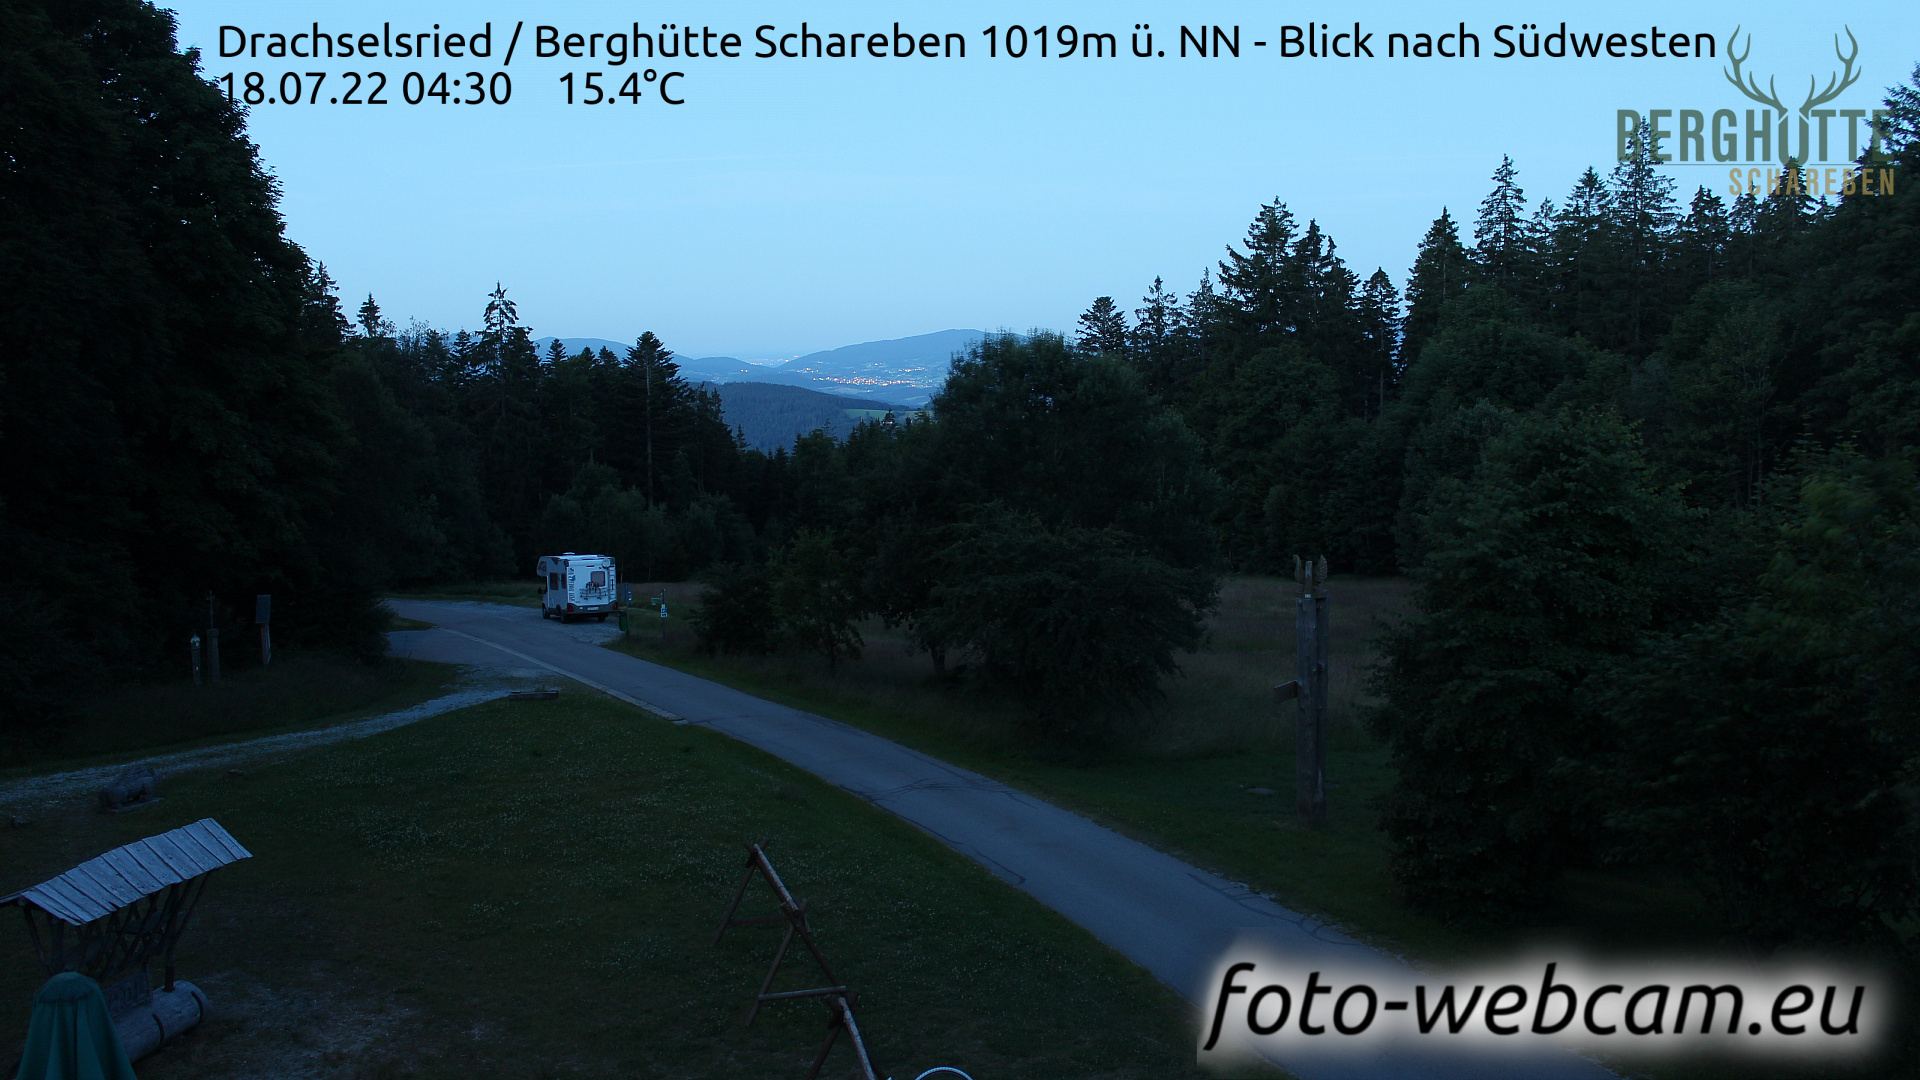 Drachselsried Sat. 04:57